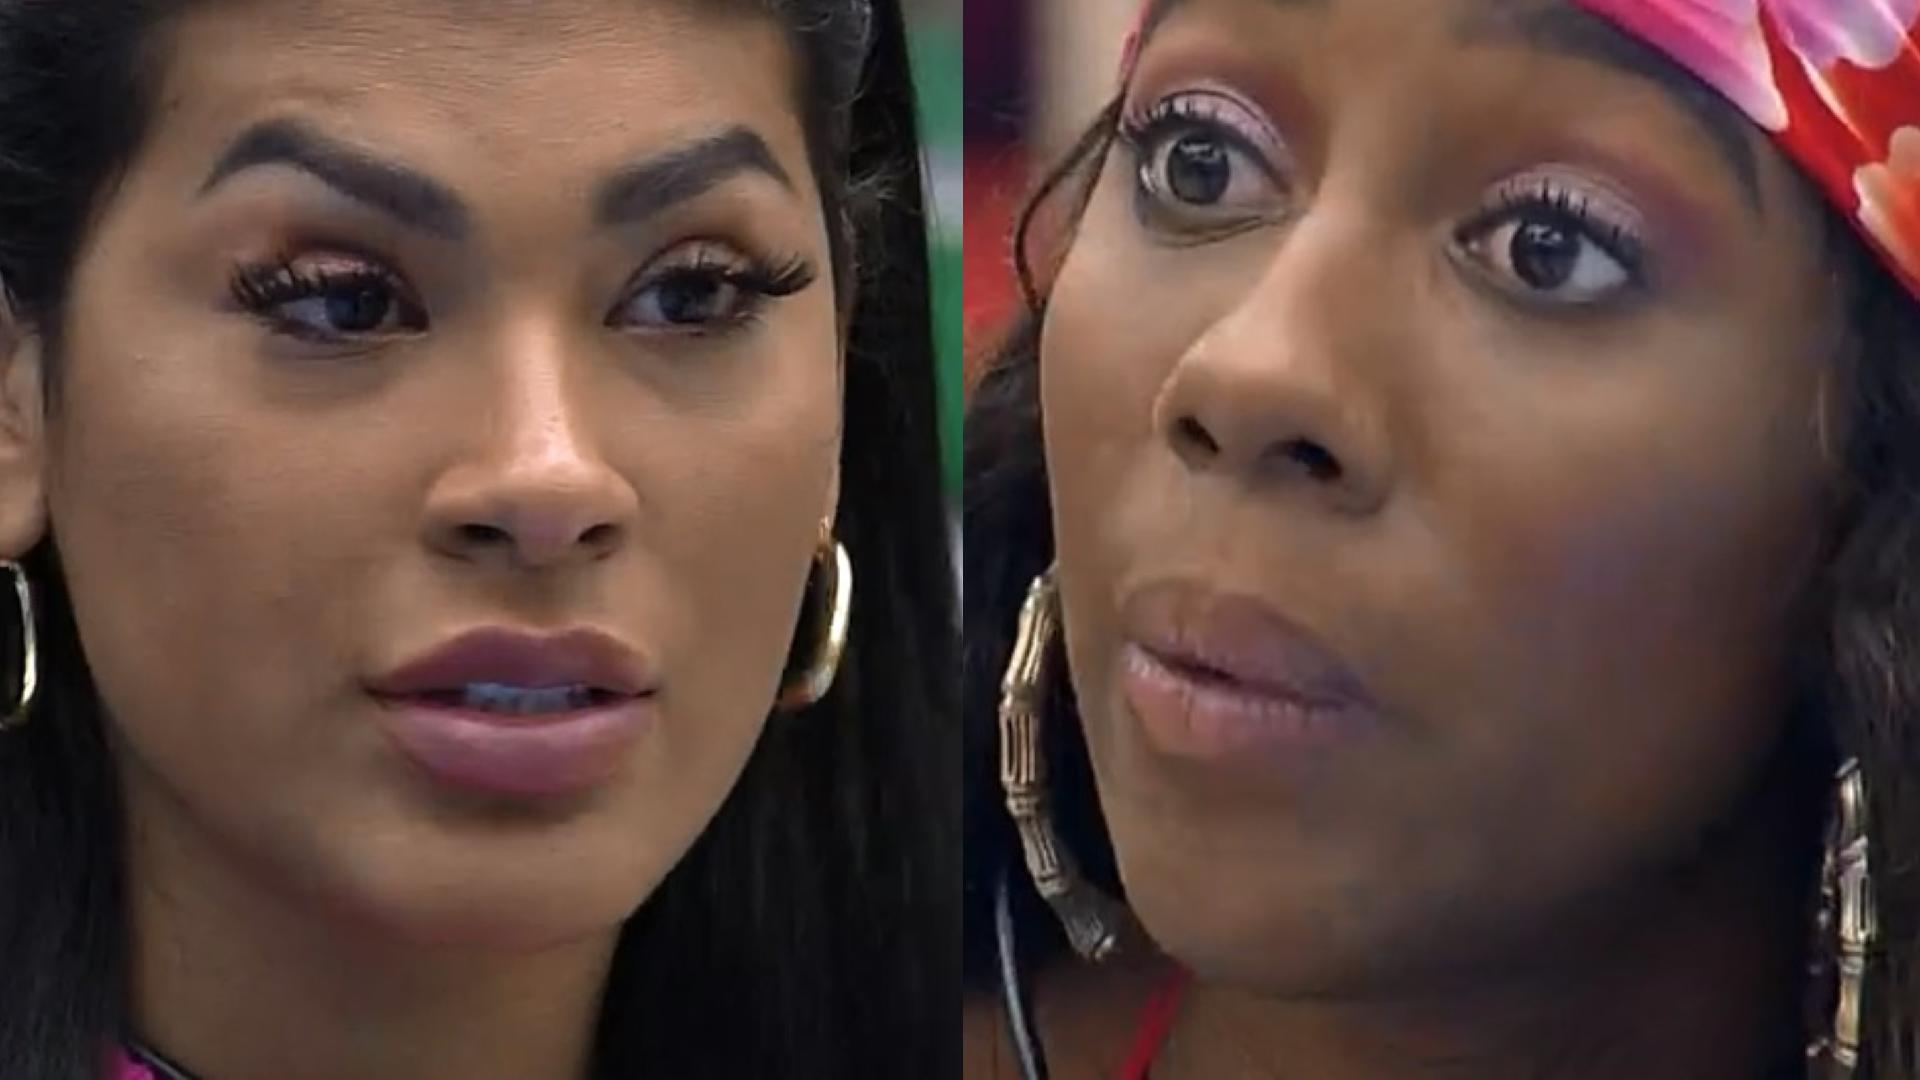 BBB21: Camilla e Pocah entram em DR profunda após jogo da discórdia